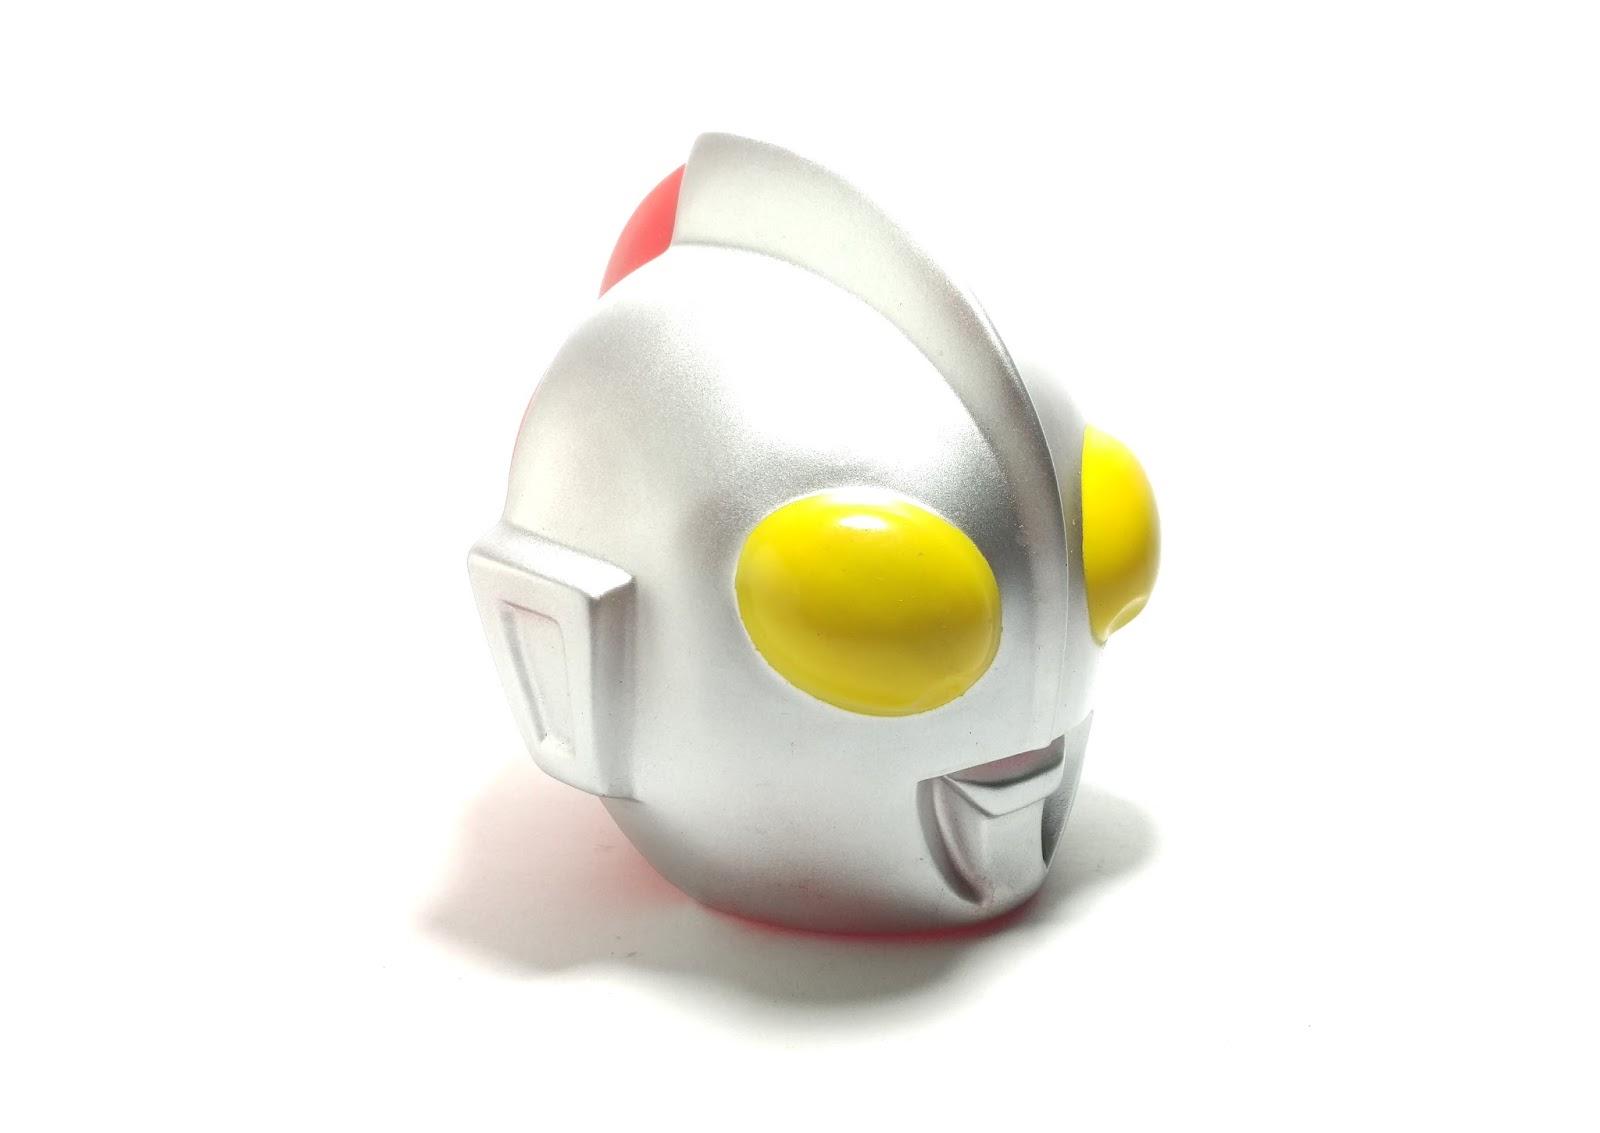 Celengan Ultraman